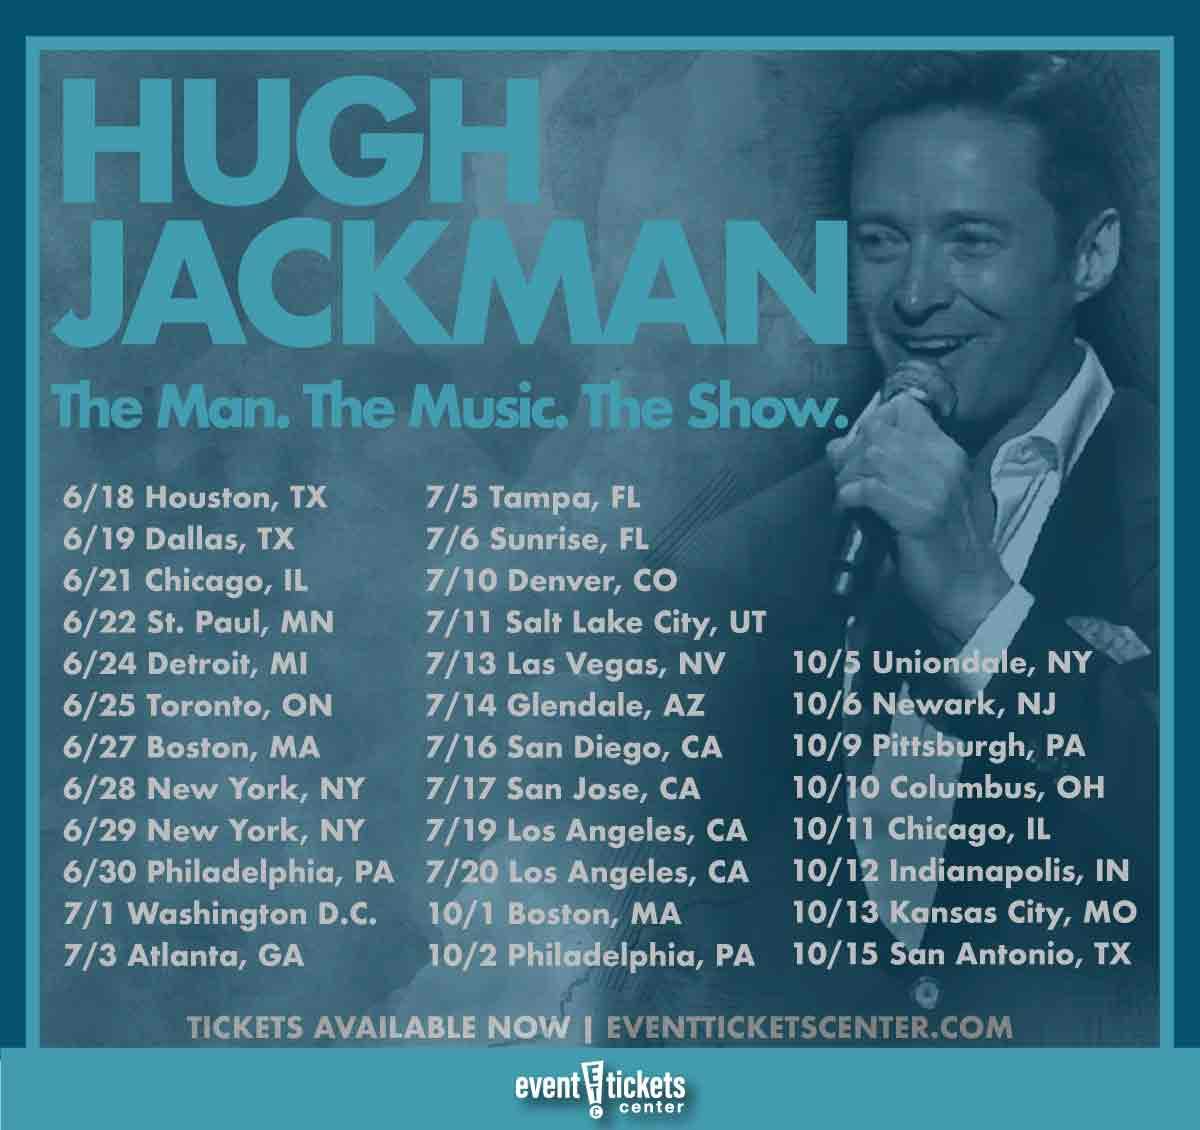 hugh jackman tour dates